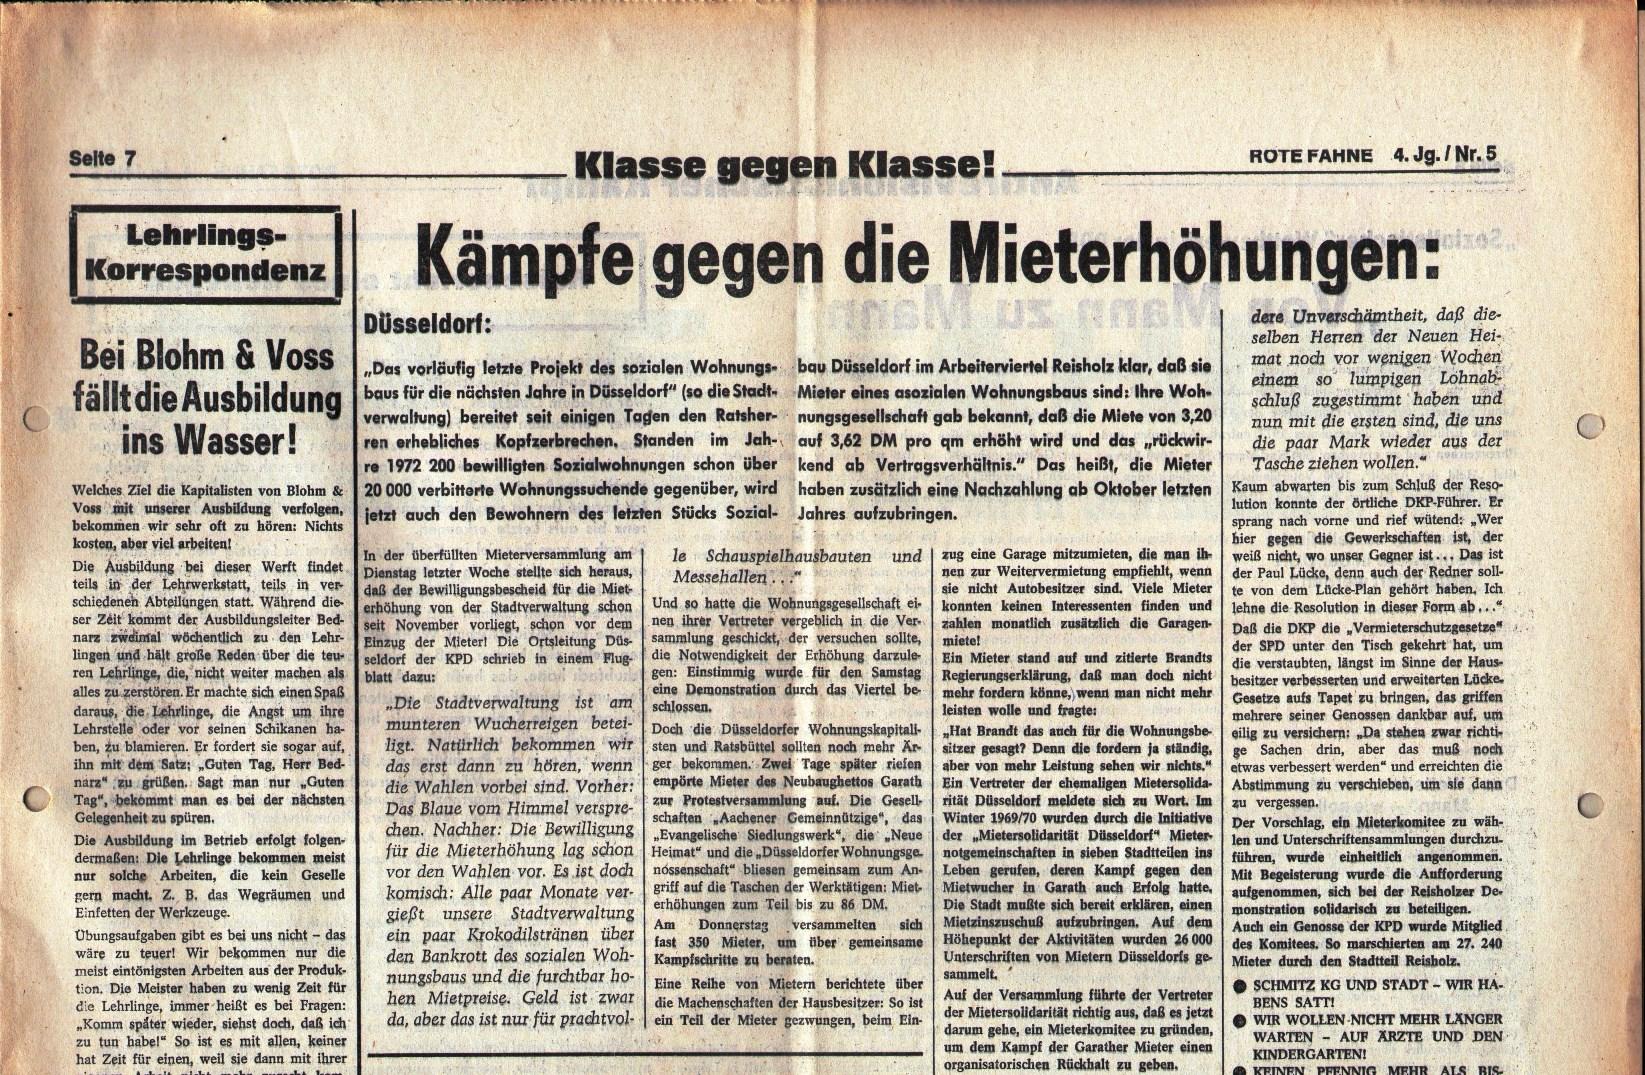 KPD_Rote_Fahne_1973_05_13